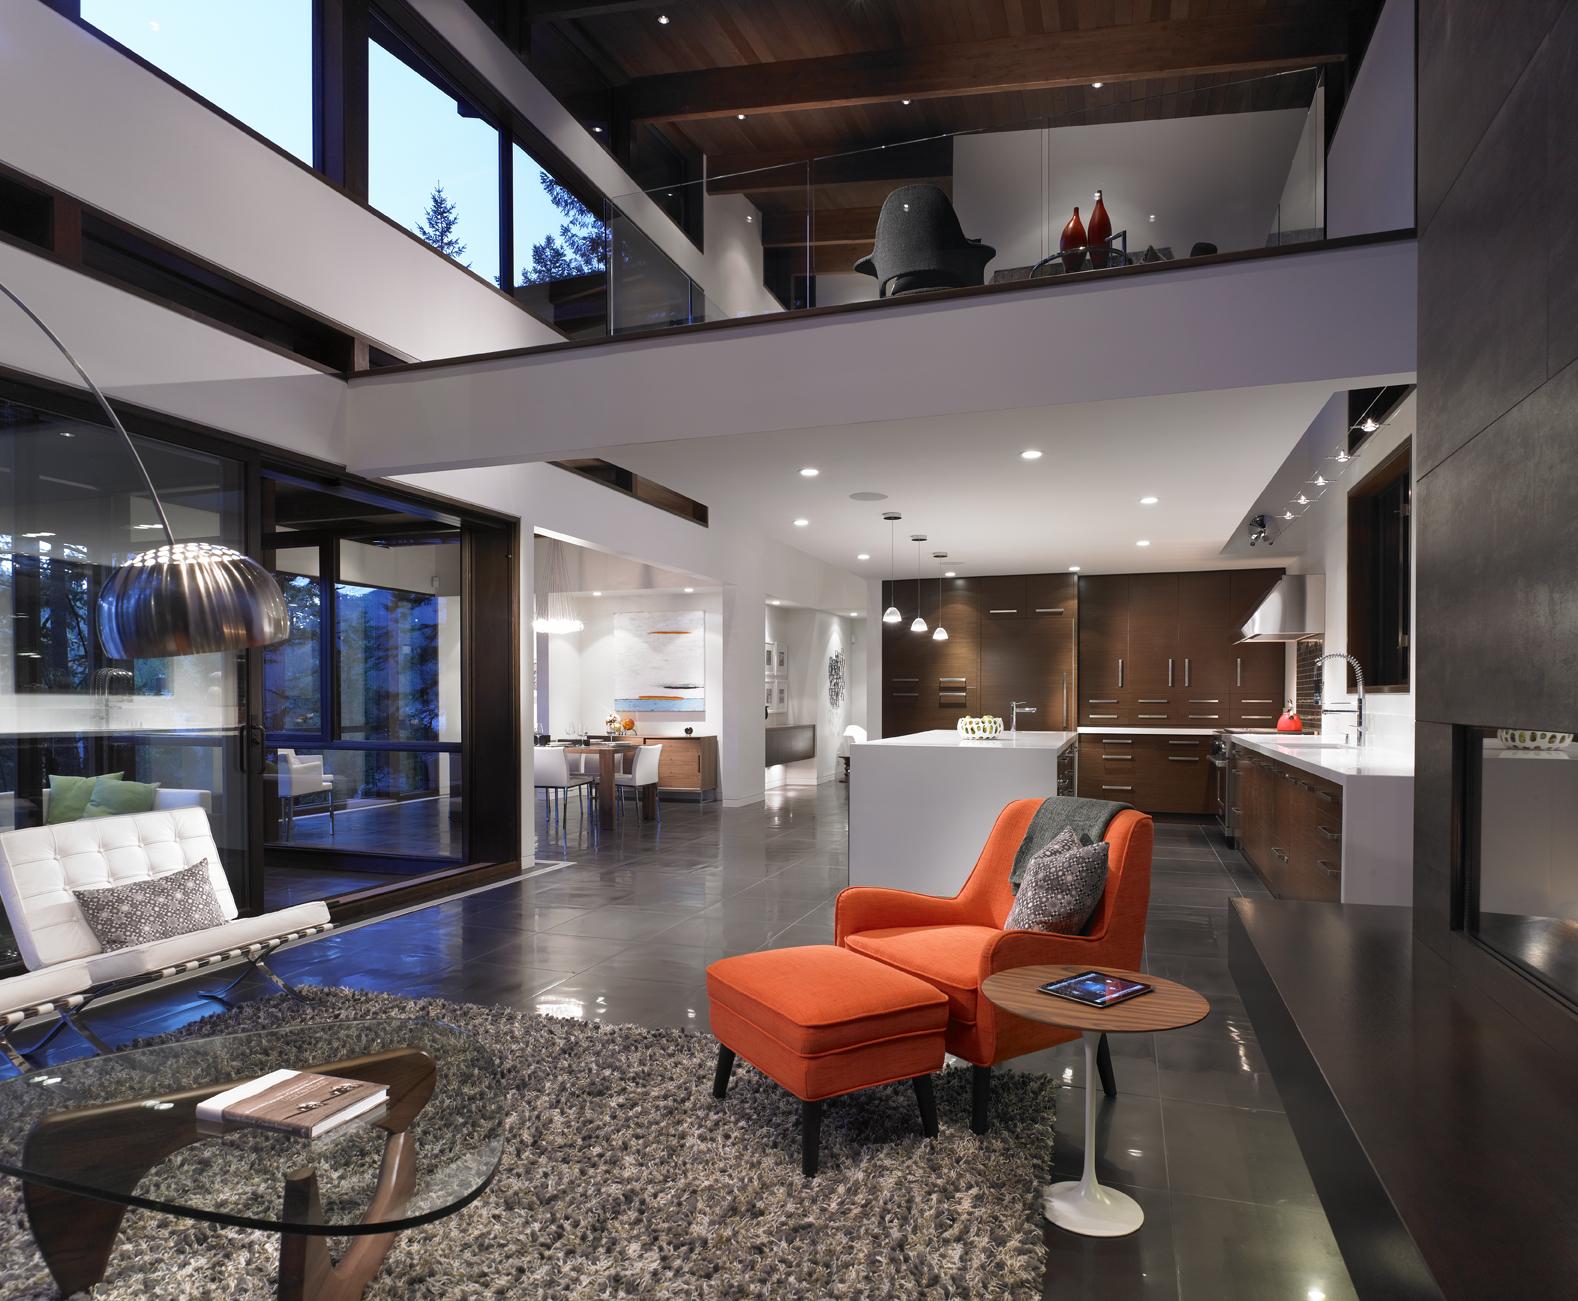 turkel_modern_design_prefab_gambier_island_house_livingroom_greatroom.jpg